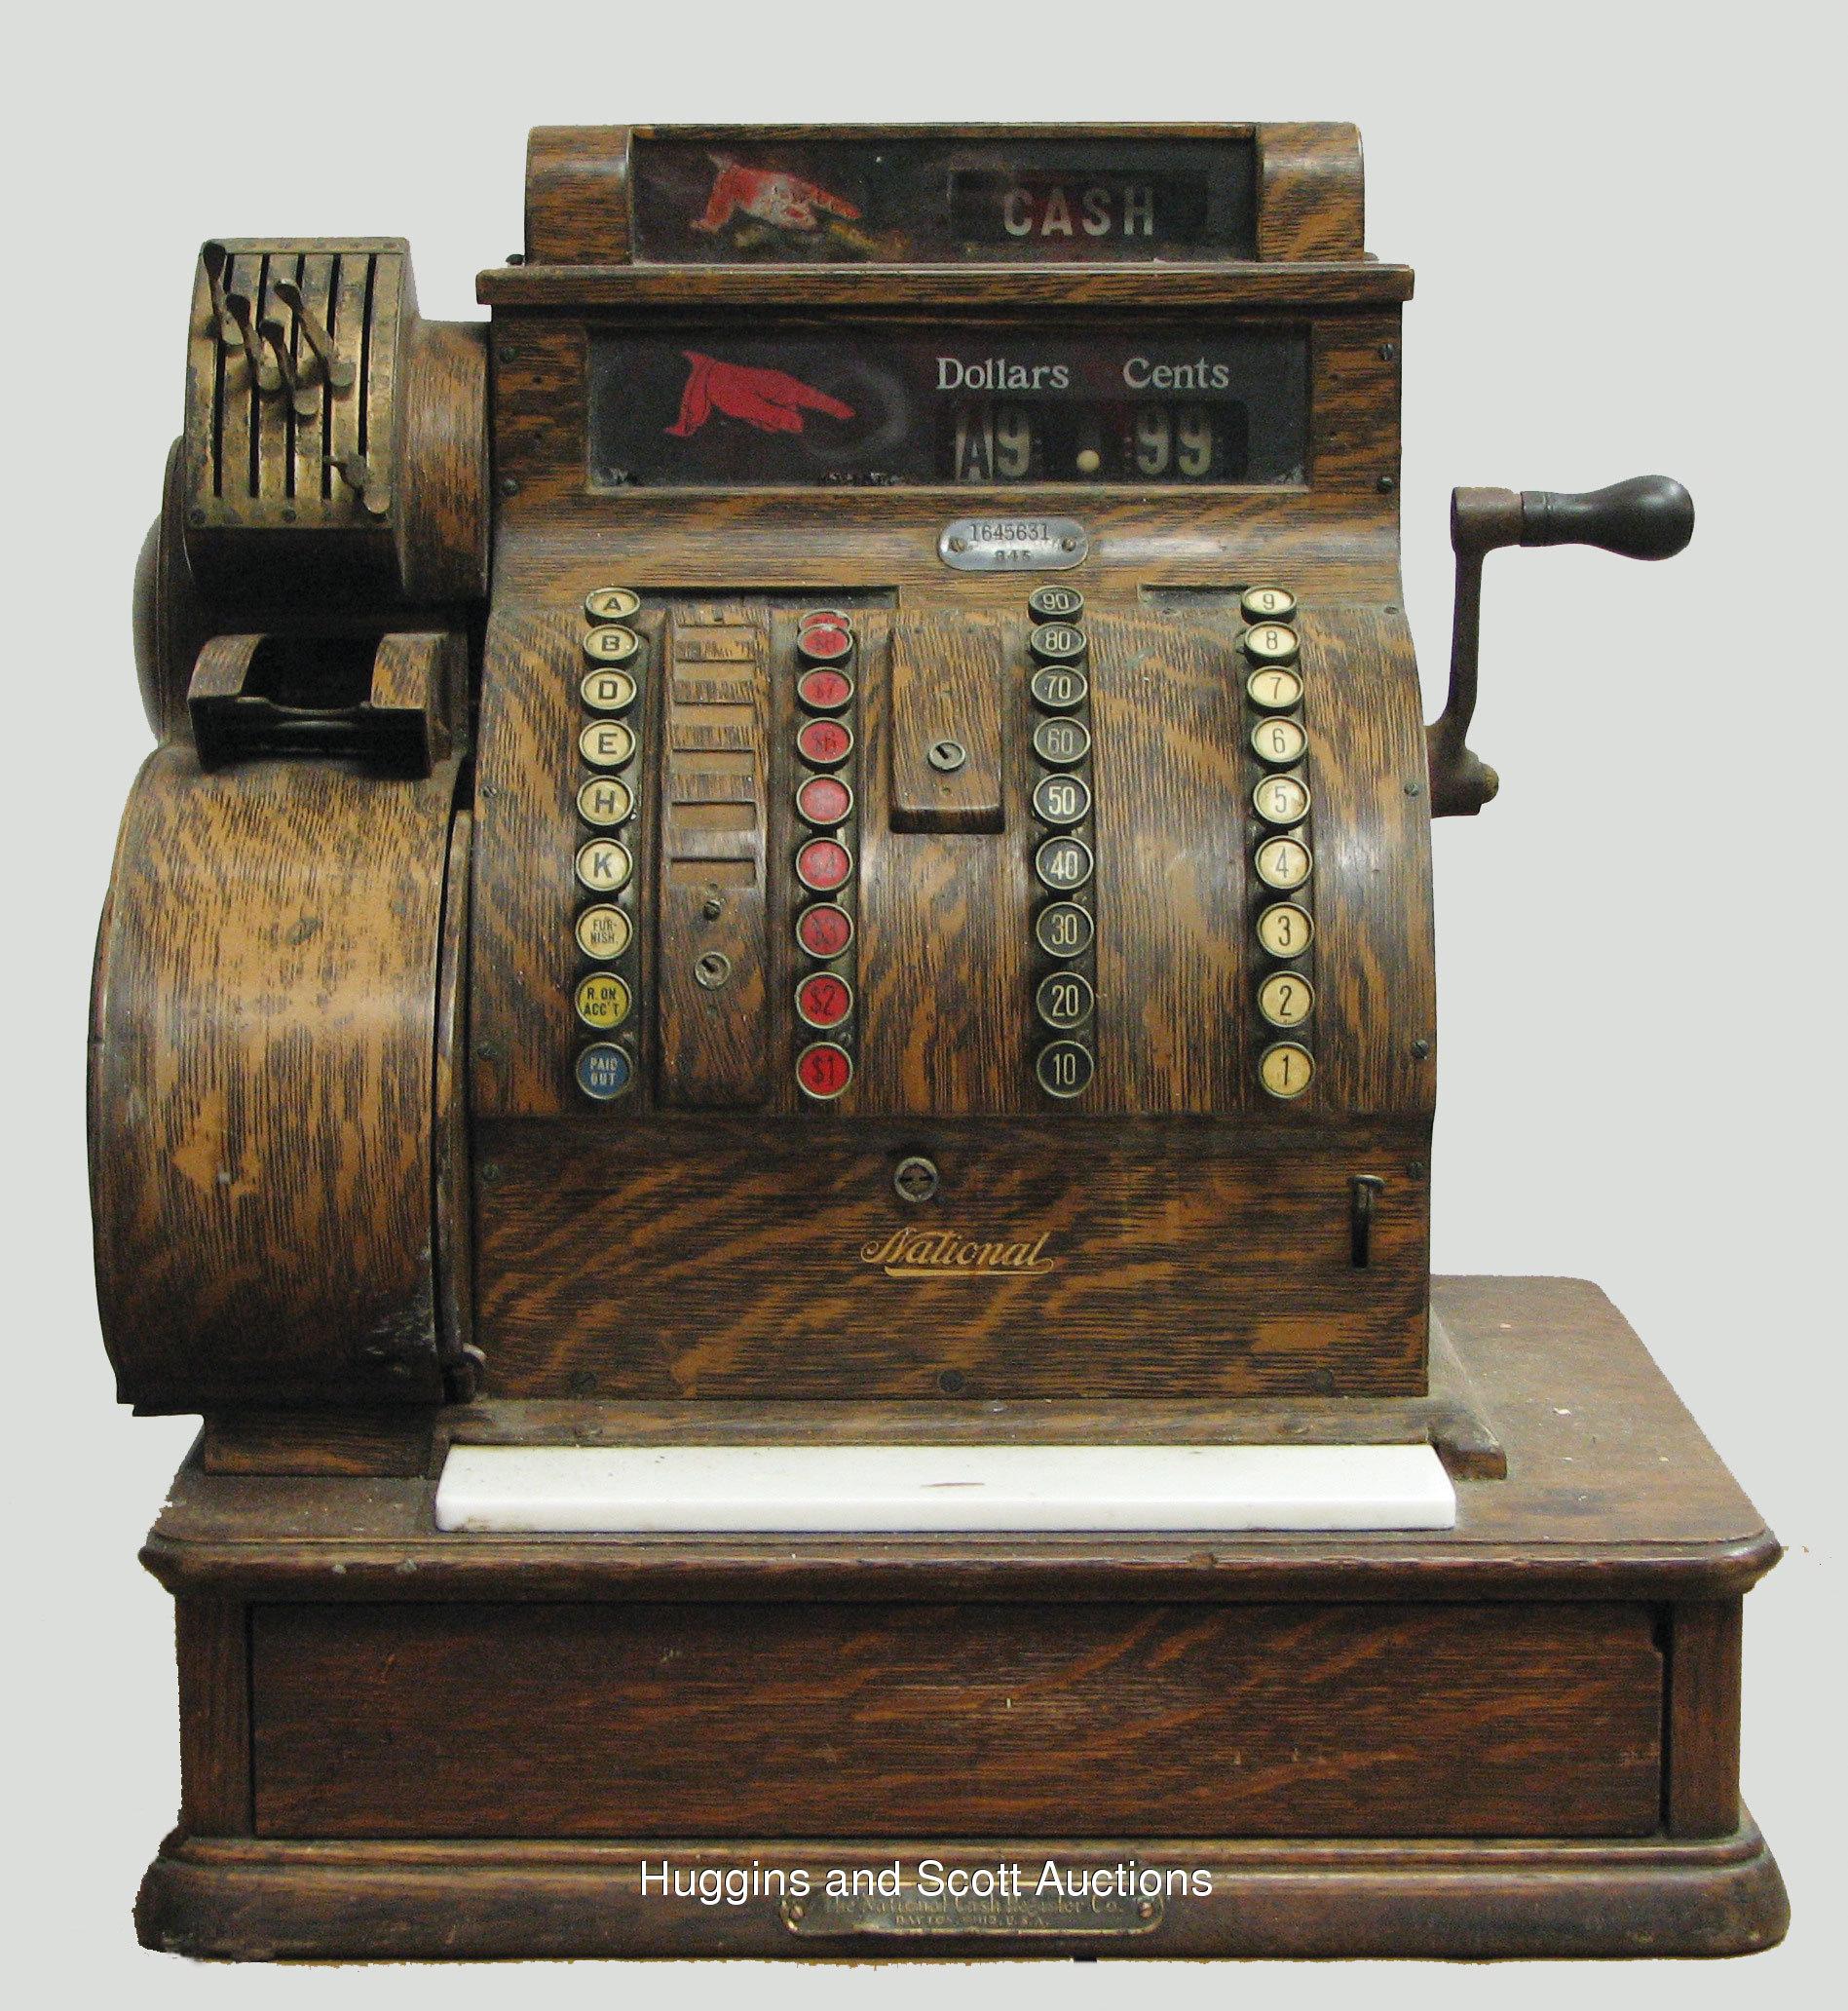 5135 antique cash register - Как изменится закон о применении ККТ: онлайн-кассы, электронный чек, отмена льготы для плательщиков ЕНВД